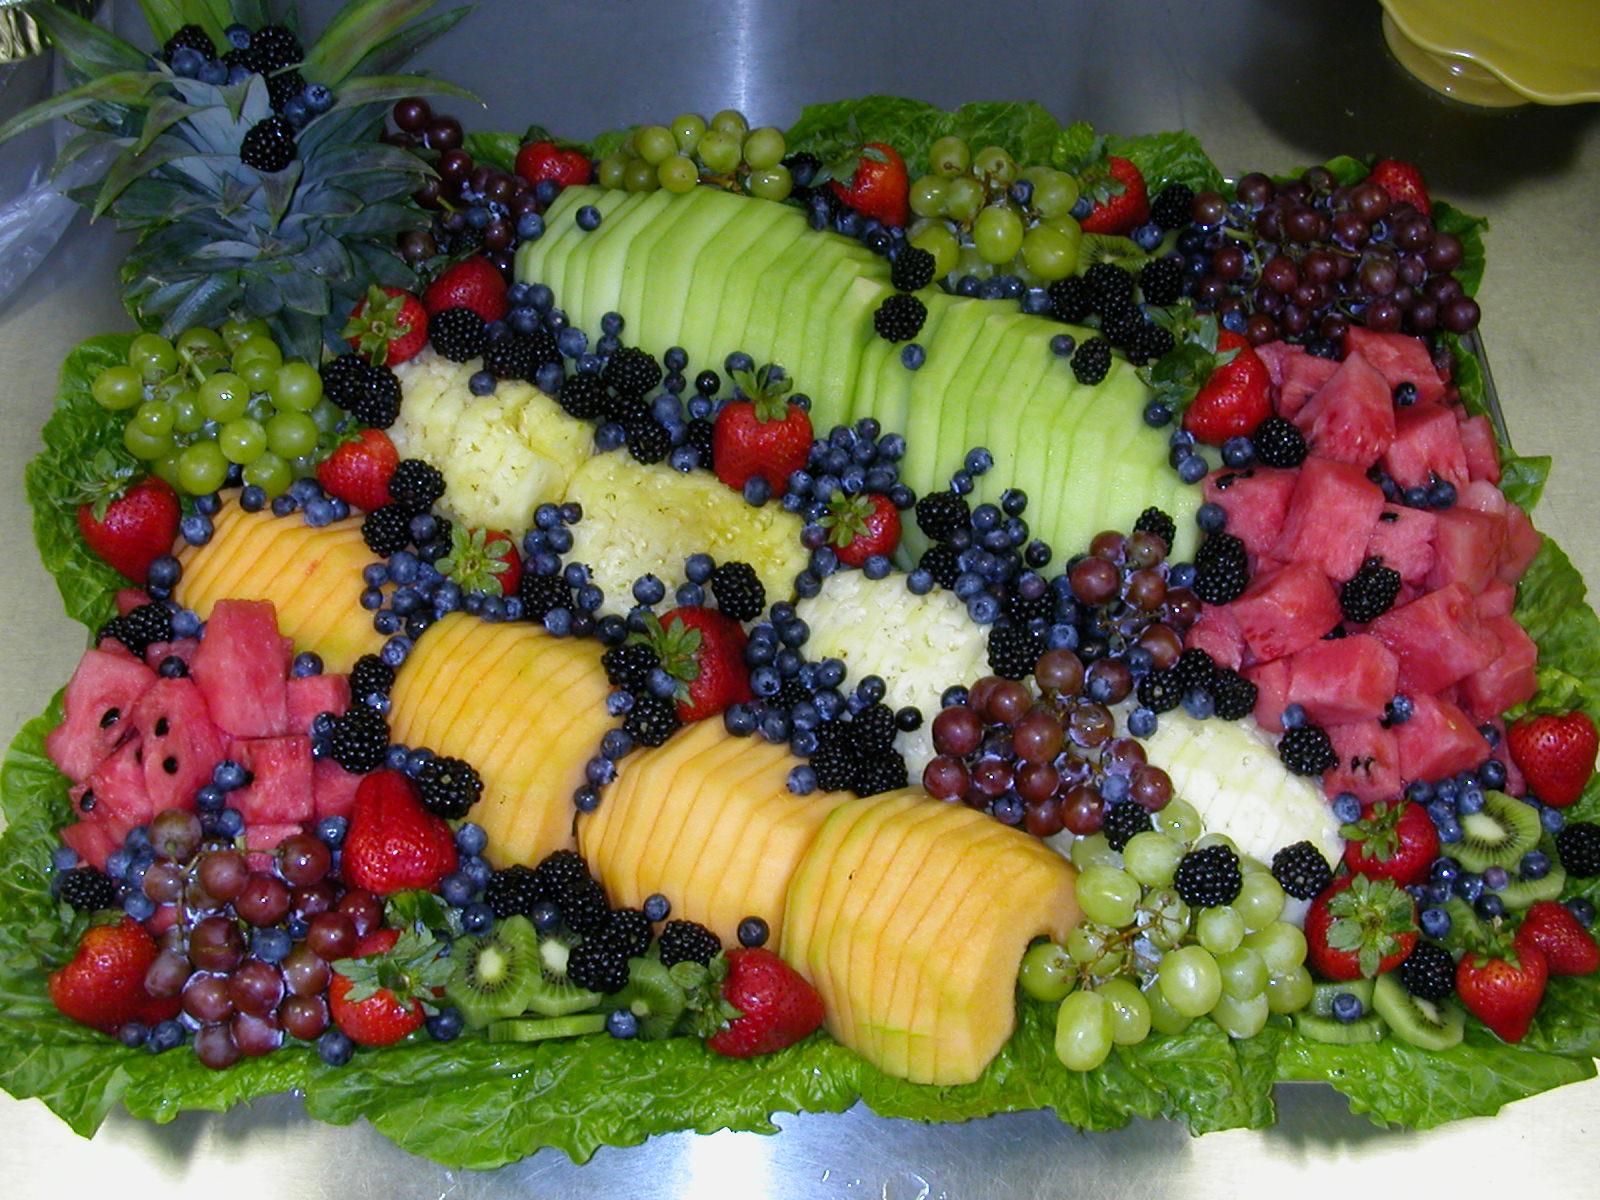 frutas e frutos mesas decoradas com muitas frutas